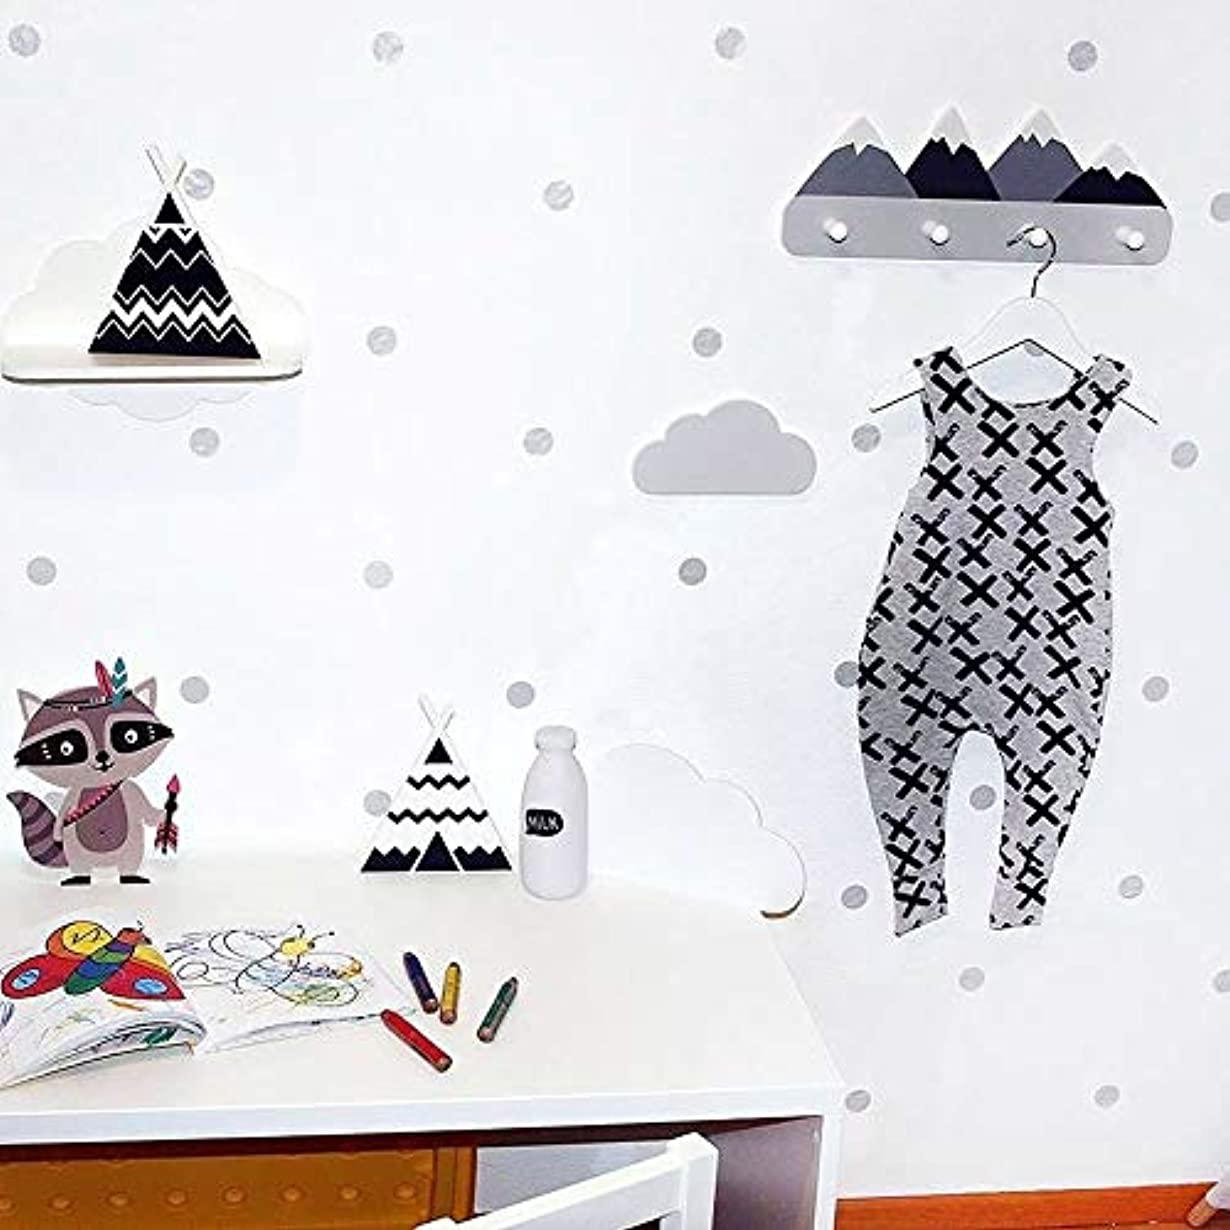 パンチ服昼食北欧スタイル木製マウンテン子供コートラック幾何学的マウンテンアート棚用服4フックの1ピースキッズルームの装飾アイデアギフト (スノーマウンテン)